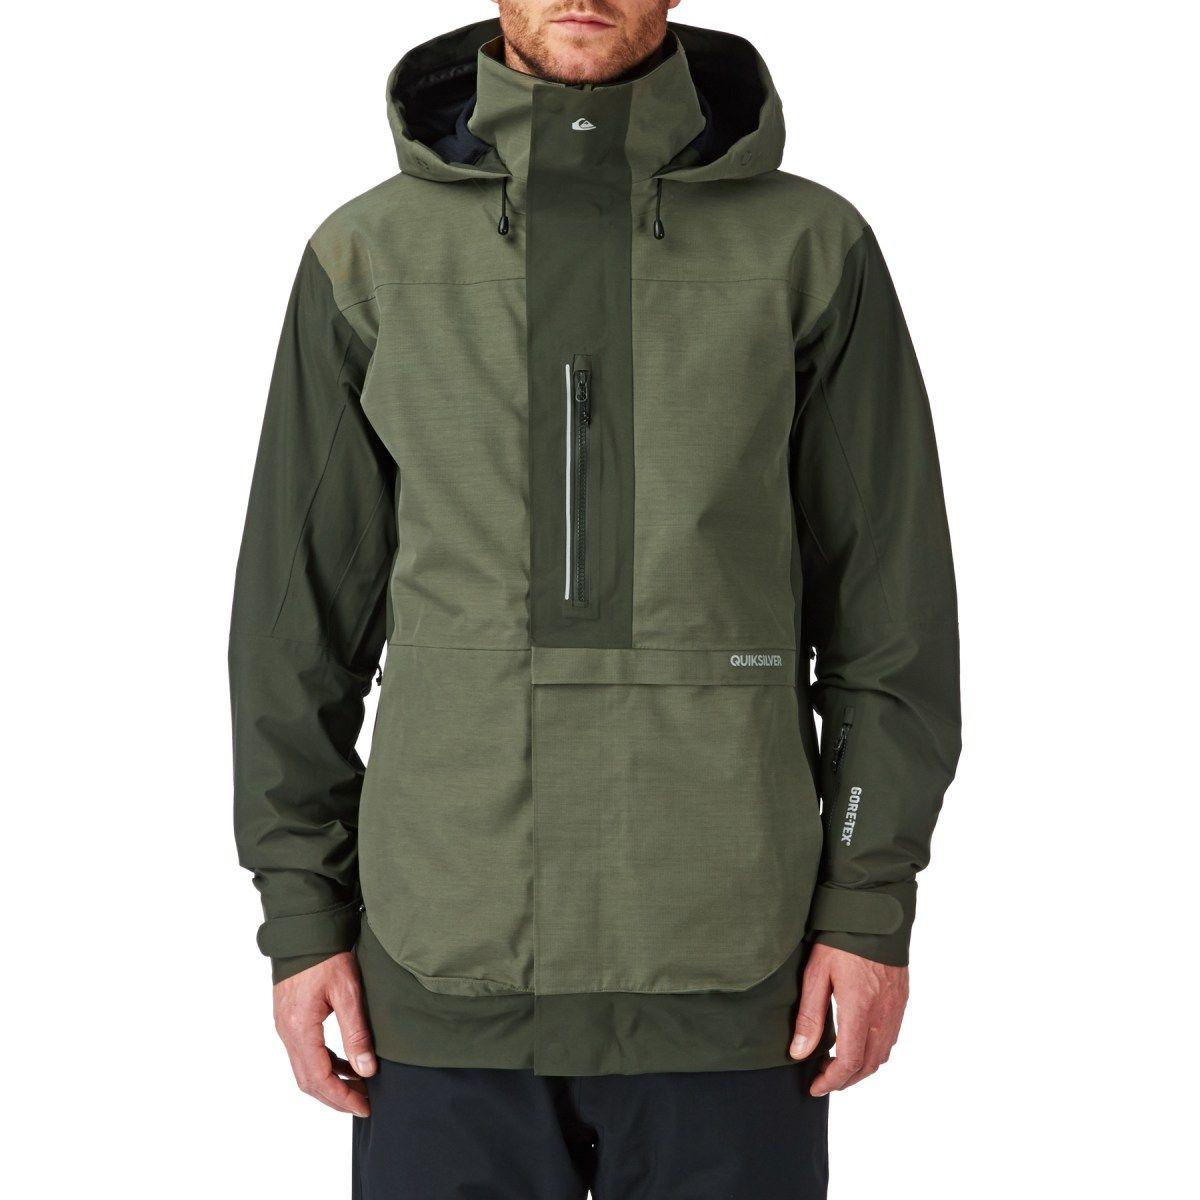 d72196dfcf9d Men s Quiksilver Snow Jackets - Quiksilver Travis Rice Exhibition 2L Snow  Jacket - Dusty Olive